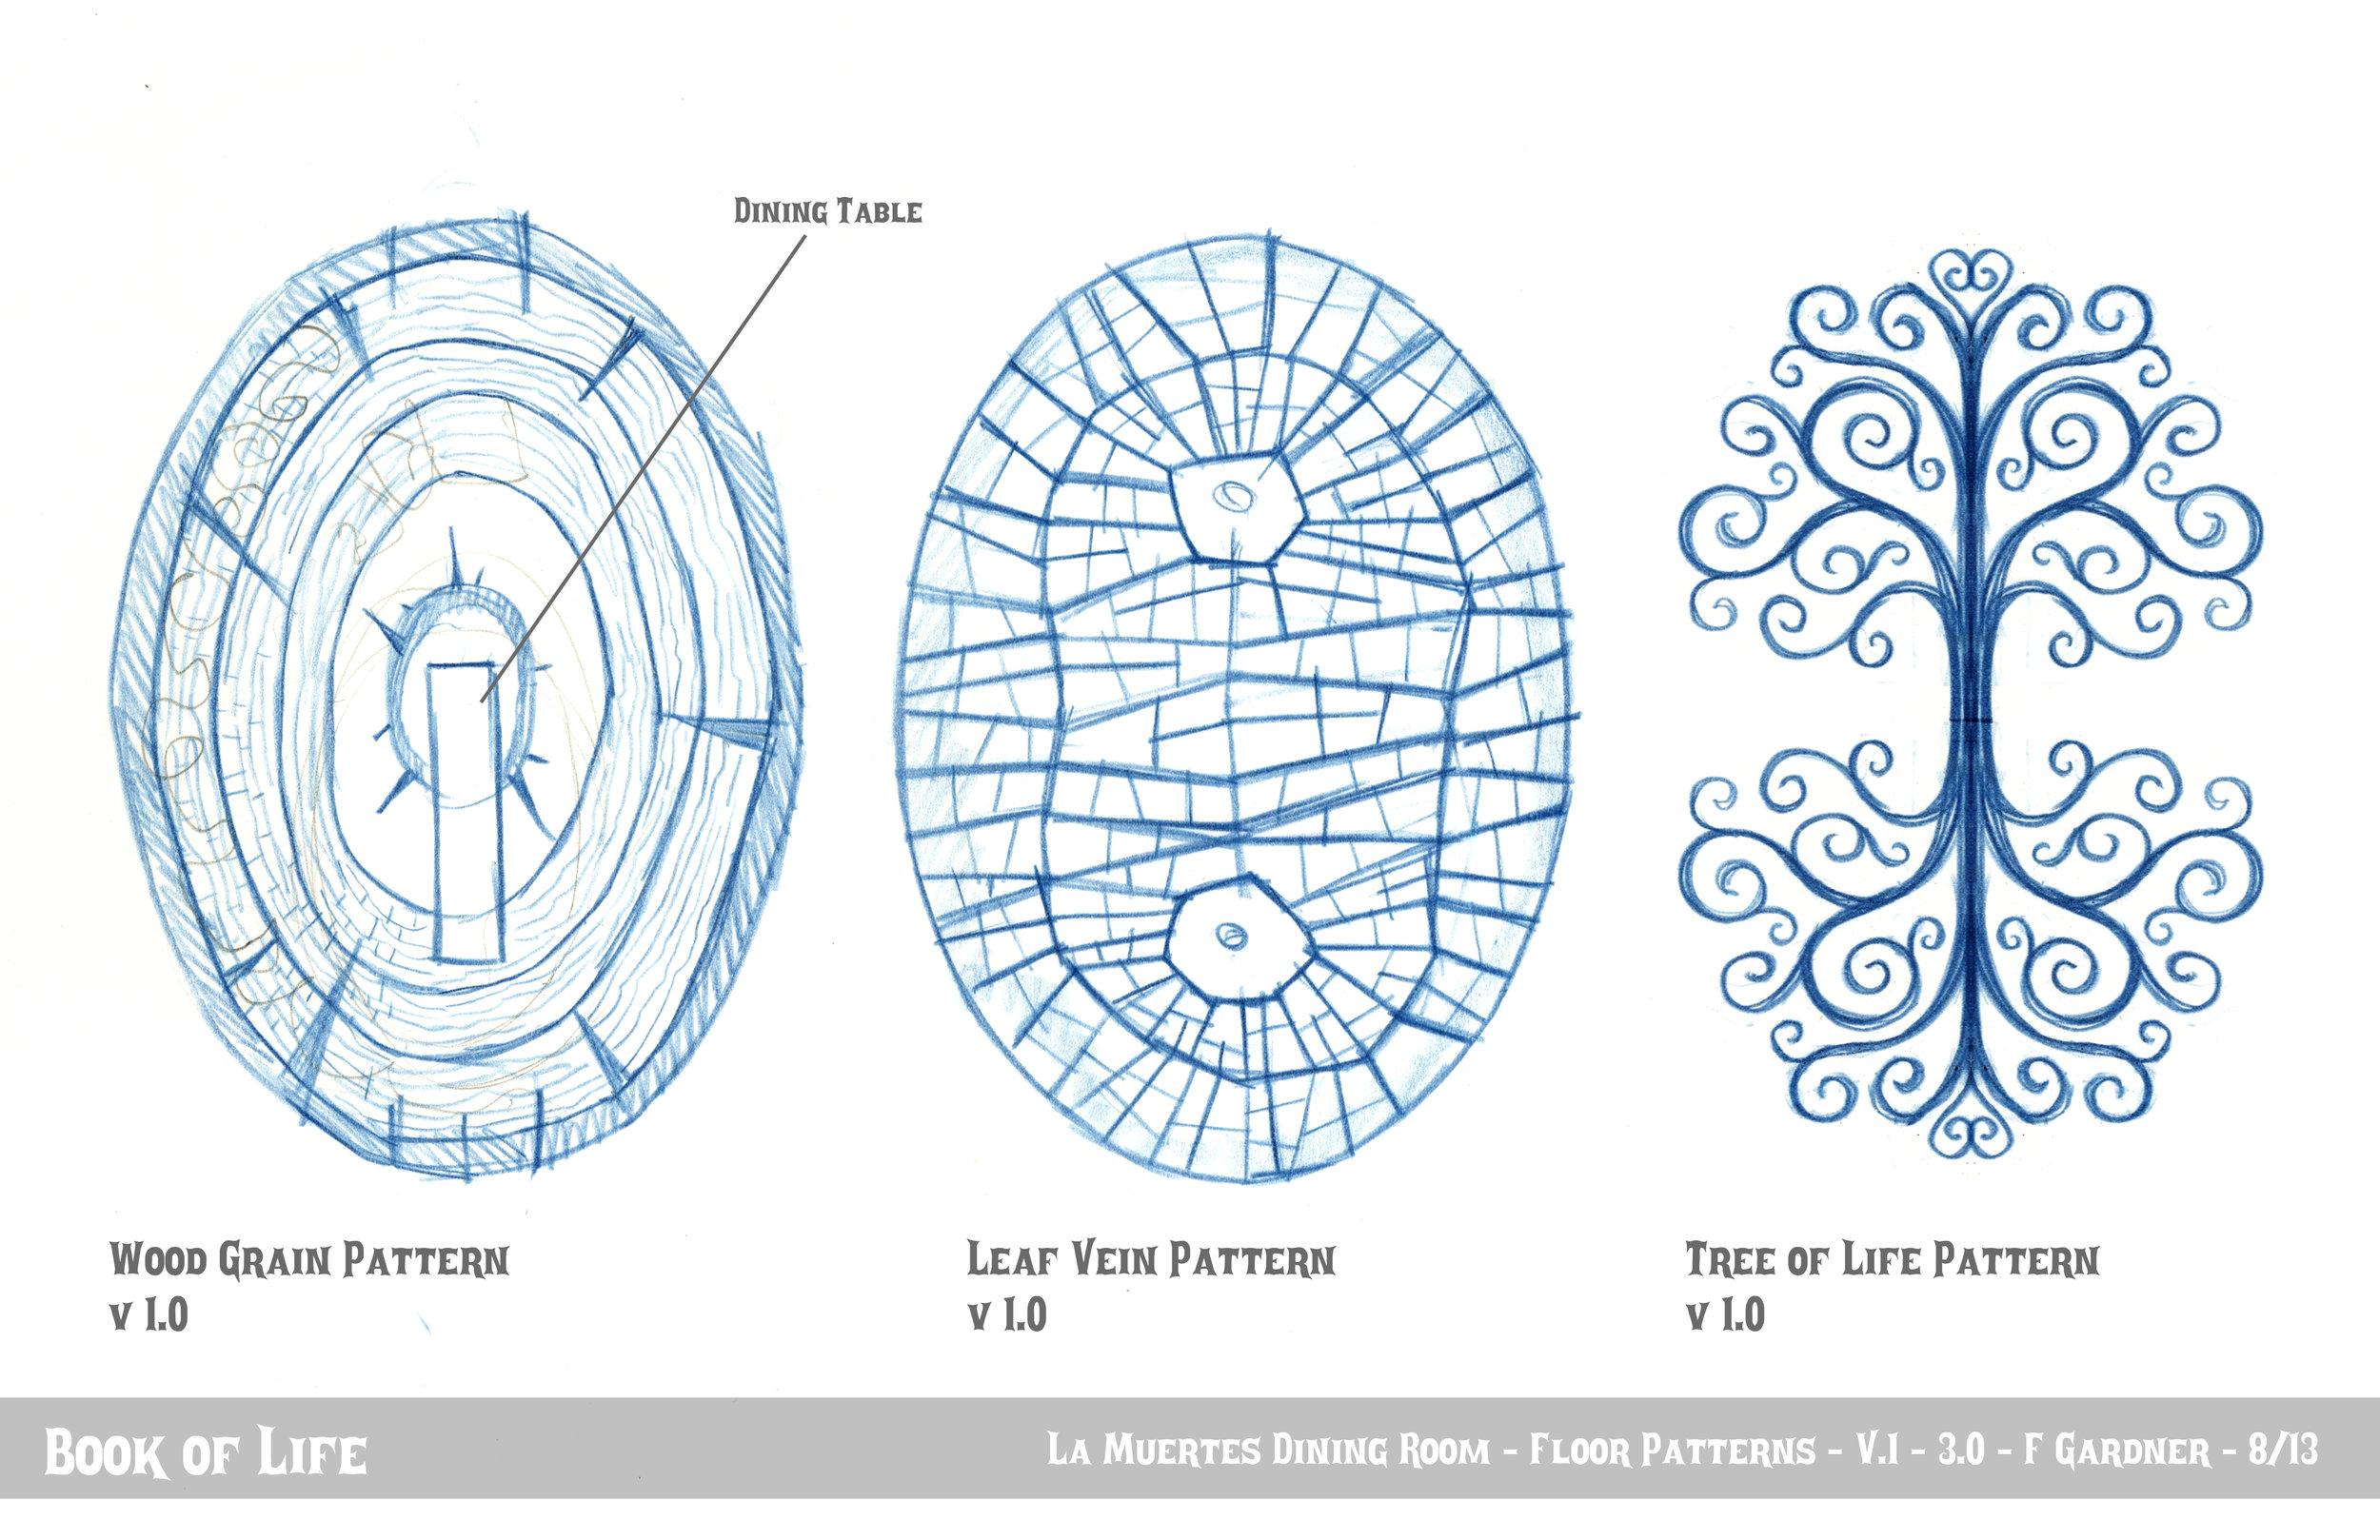 Dining_Room_Floor_Patterns.jpg